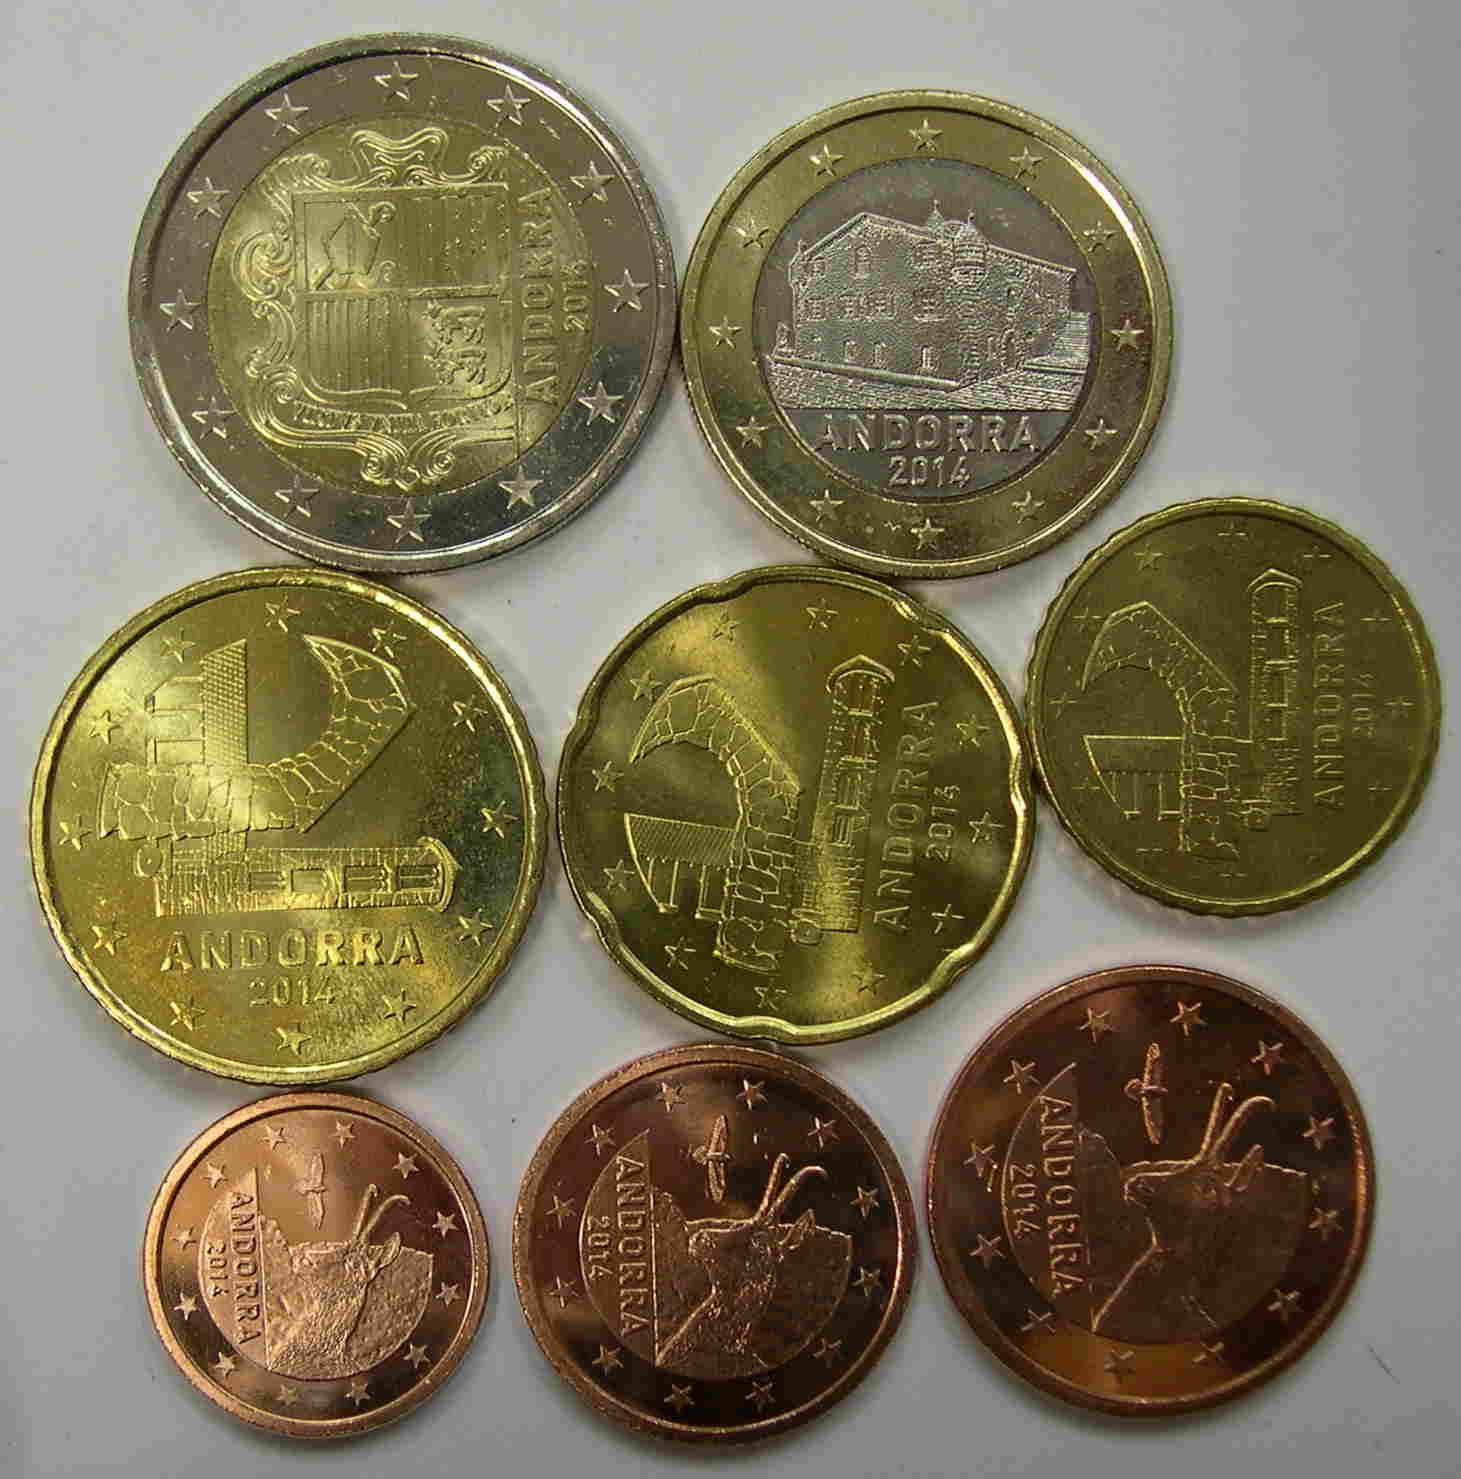 andorra euro 2014 serie 8 monedas de 1 2 5 10 20 50 c ntimos y 1 2 euros sc varios. Black Bedroom Furniture Sets. Home Design Ideas